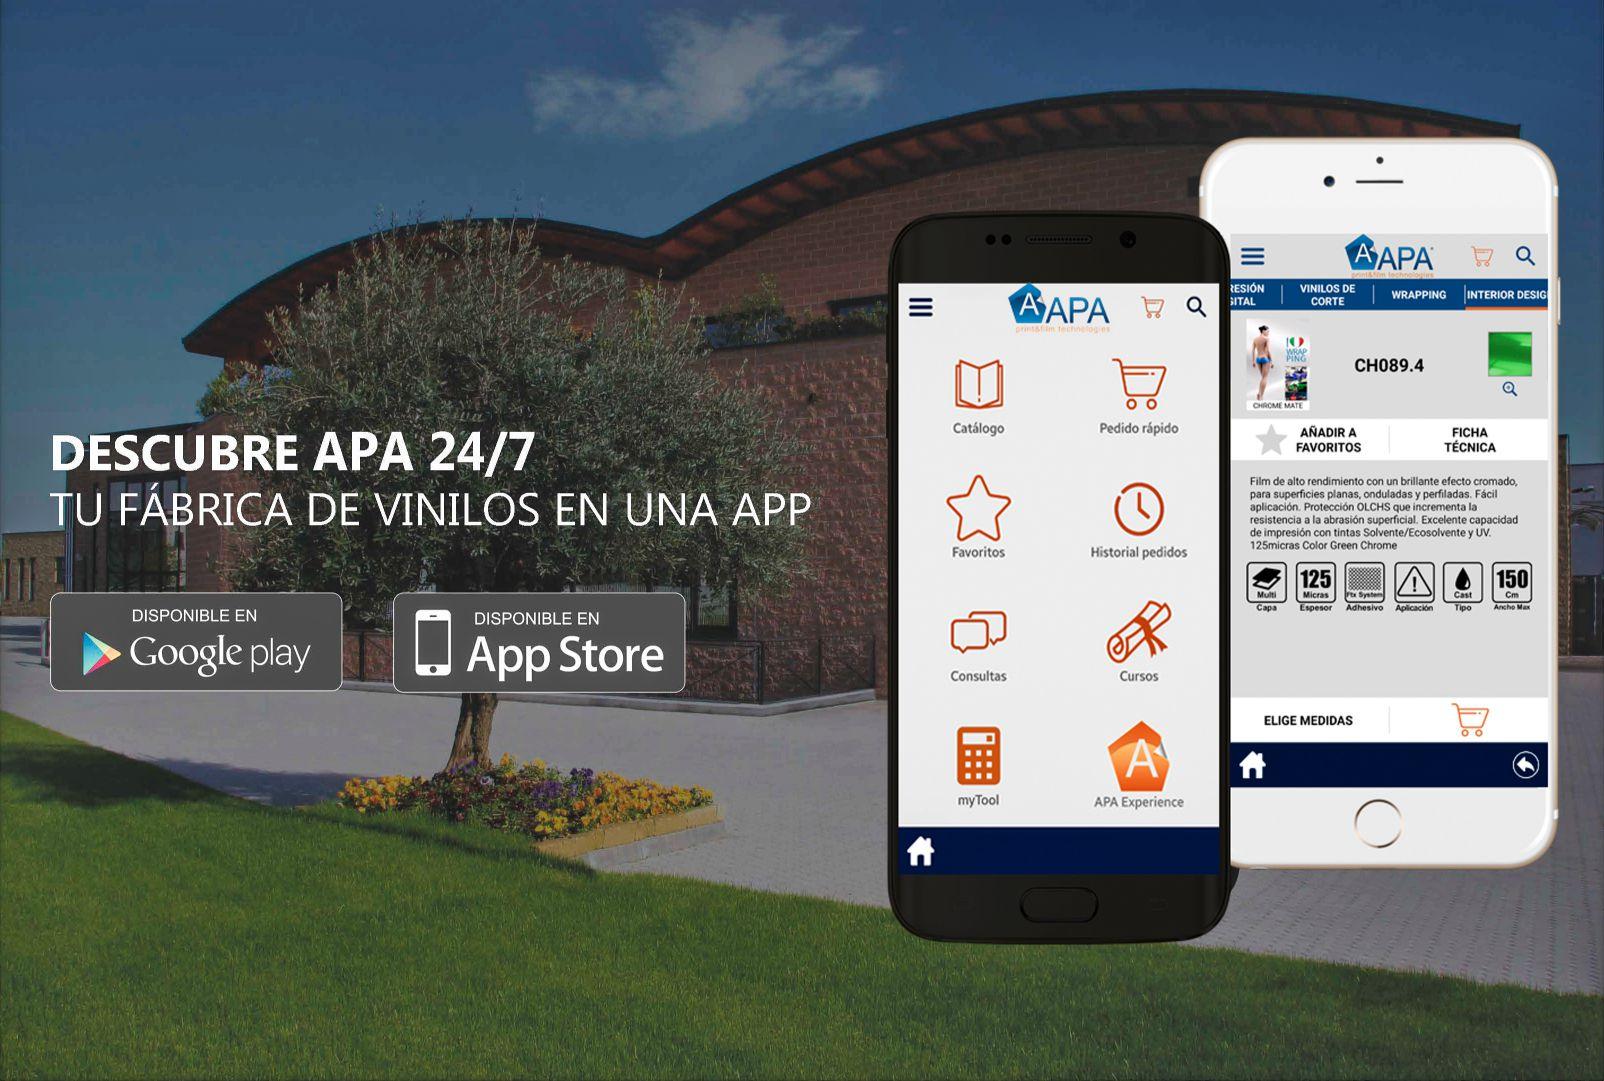 Fabrica Vinilos Espaa.Tu Fabrica De Vinilos En Una App Apa Experience